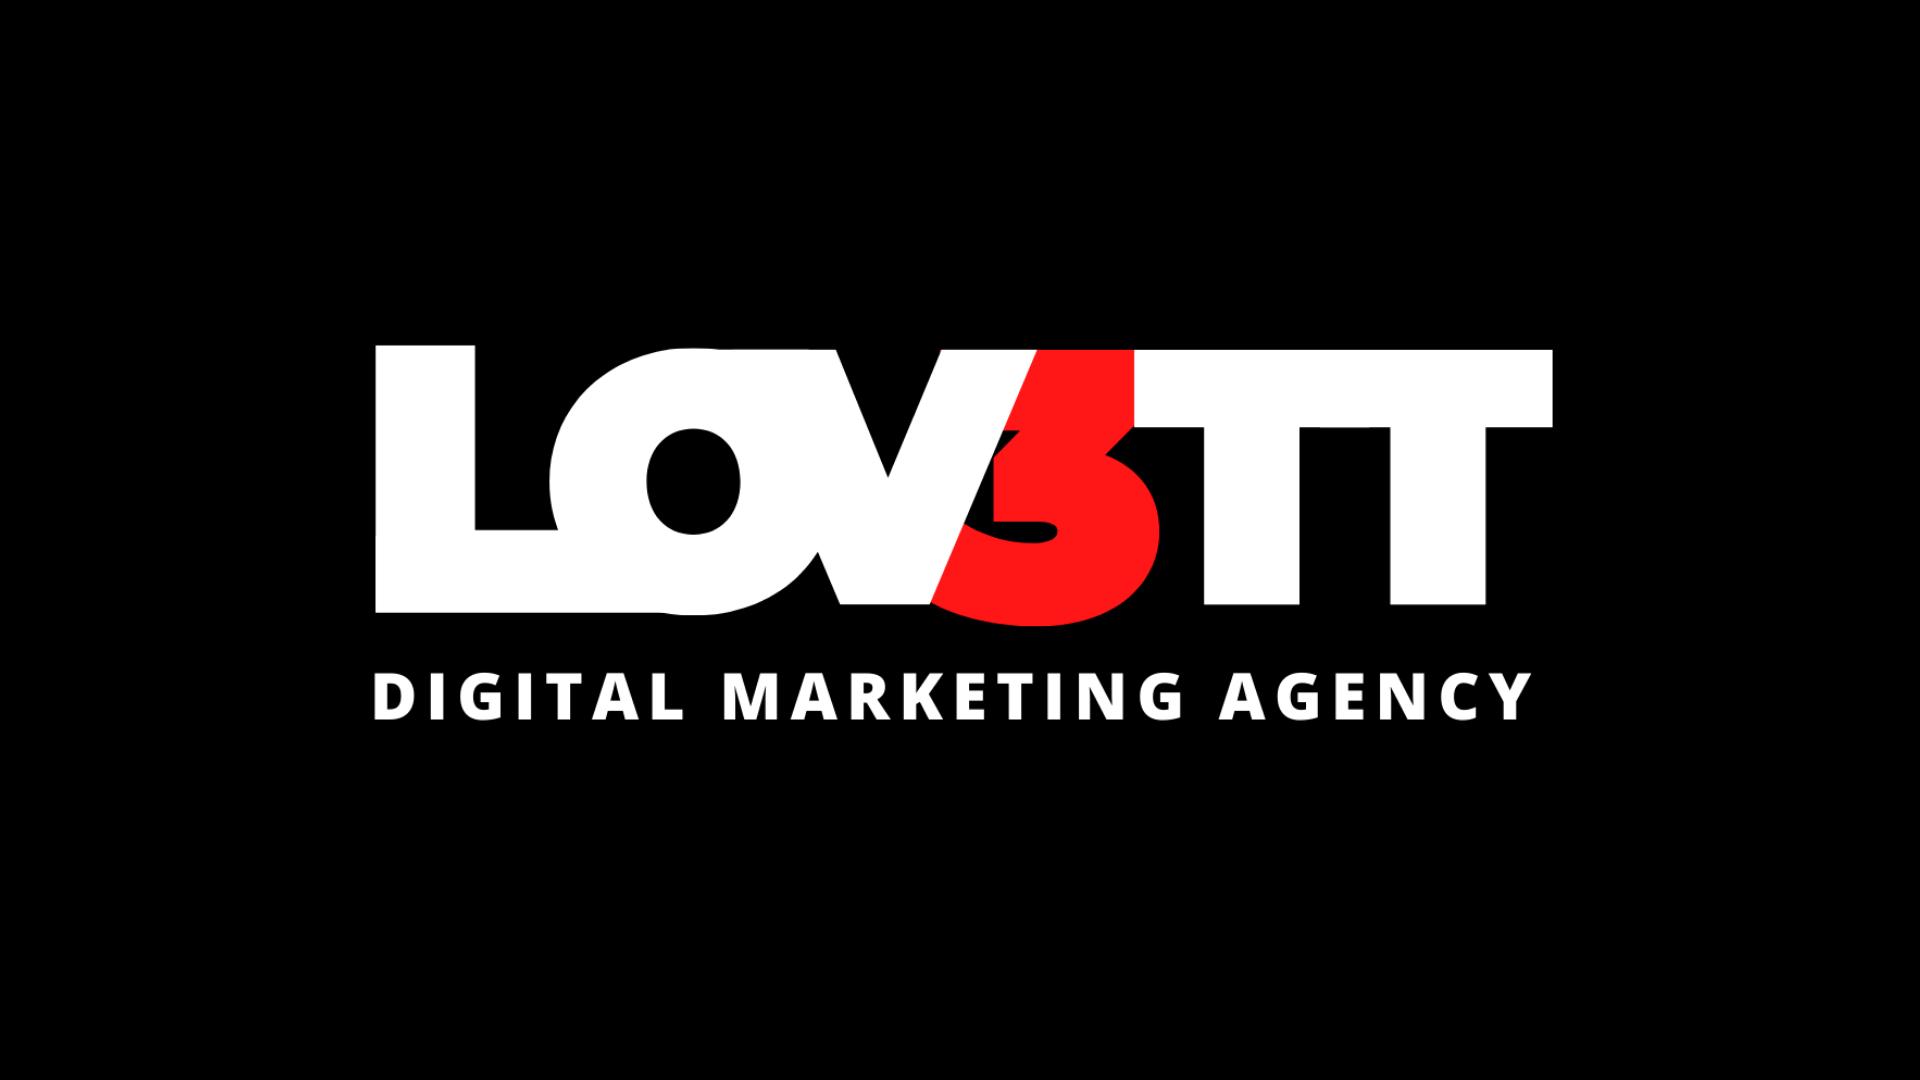 Lovett Media: The Future of Digital Marketing